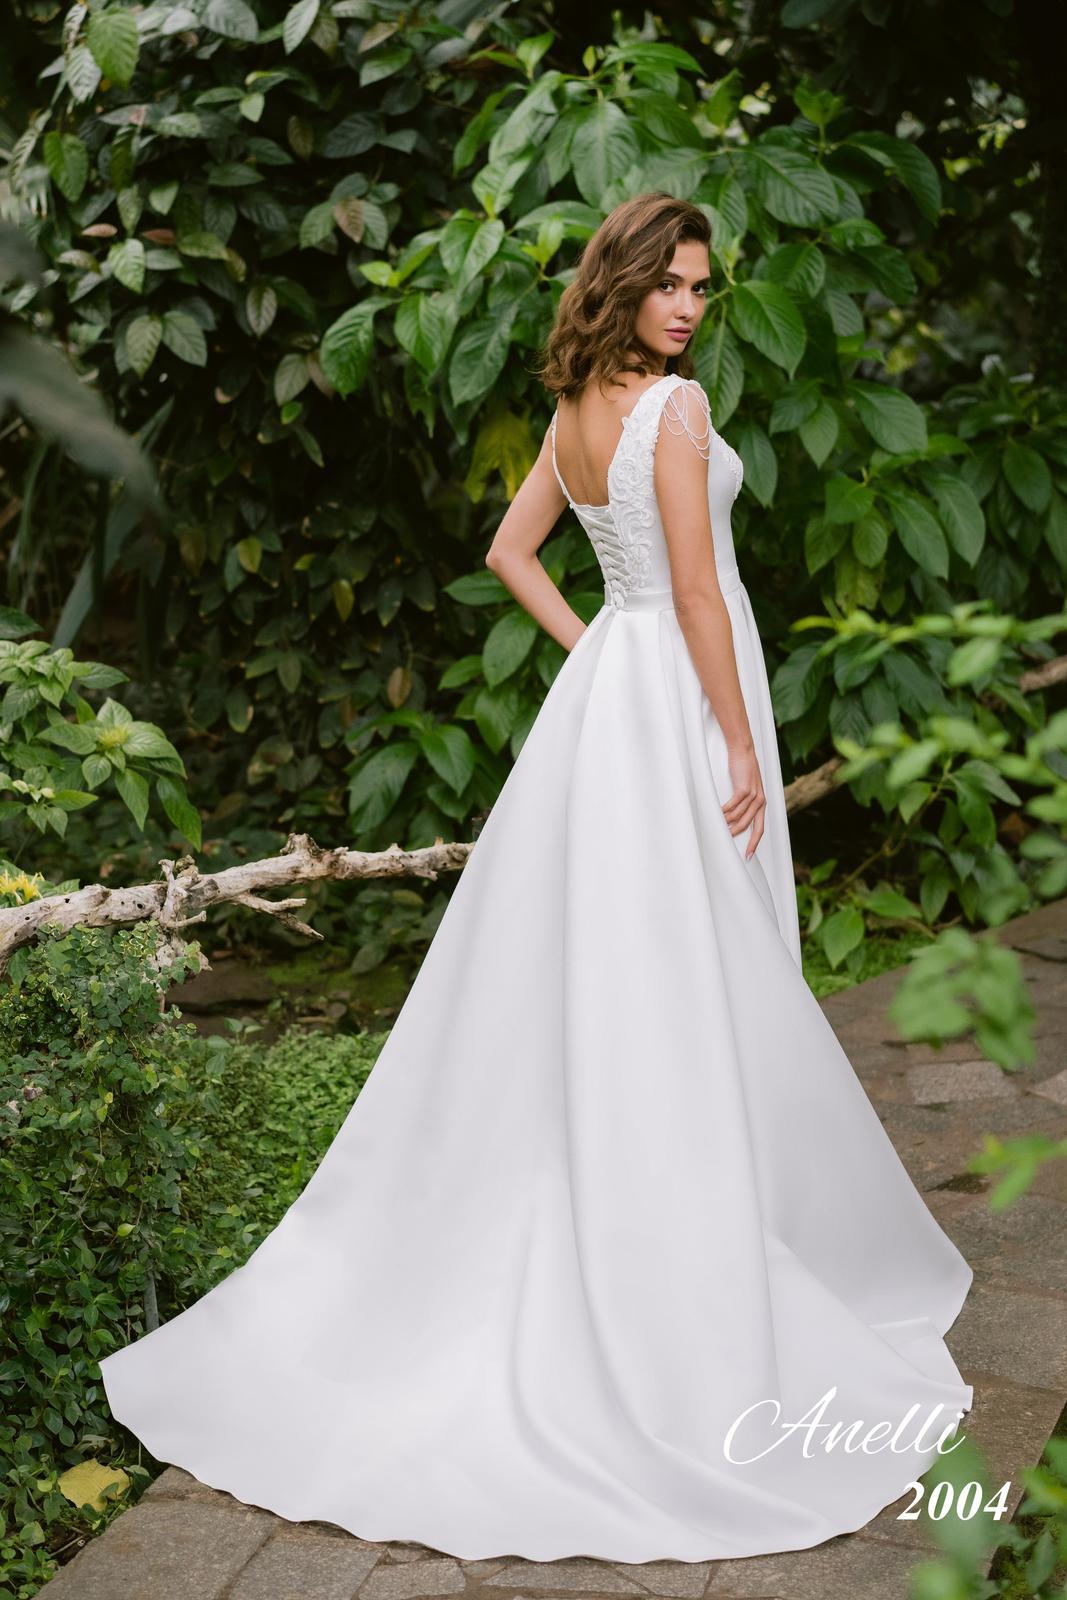 Svadobné šaty - Breeze 2004 - Obrázok č. 3